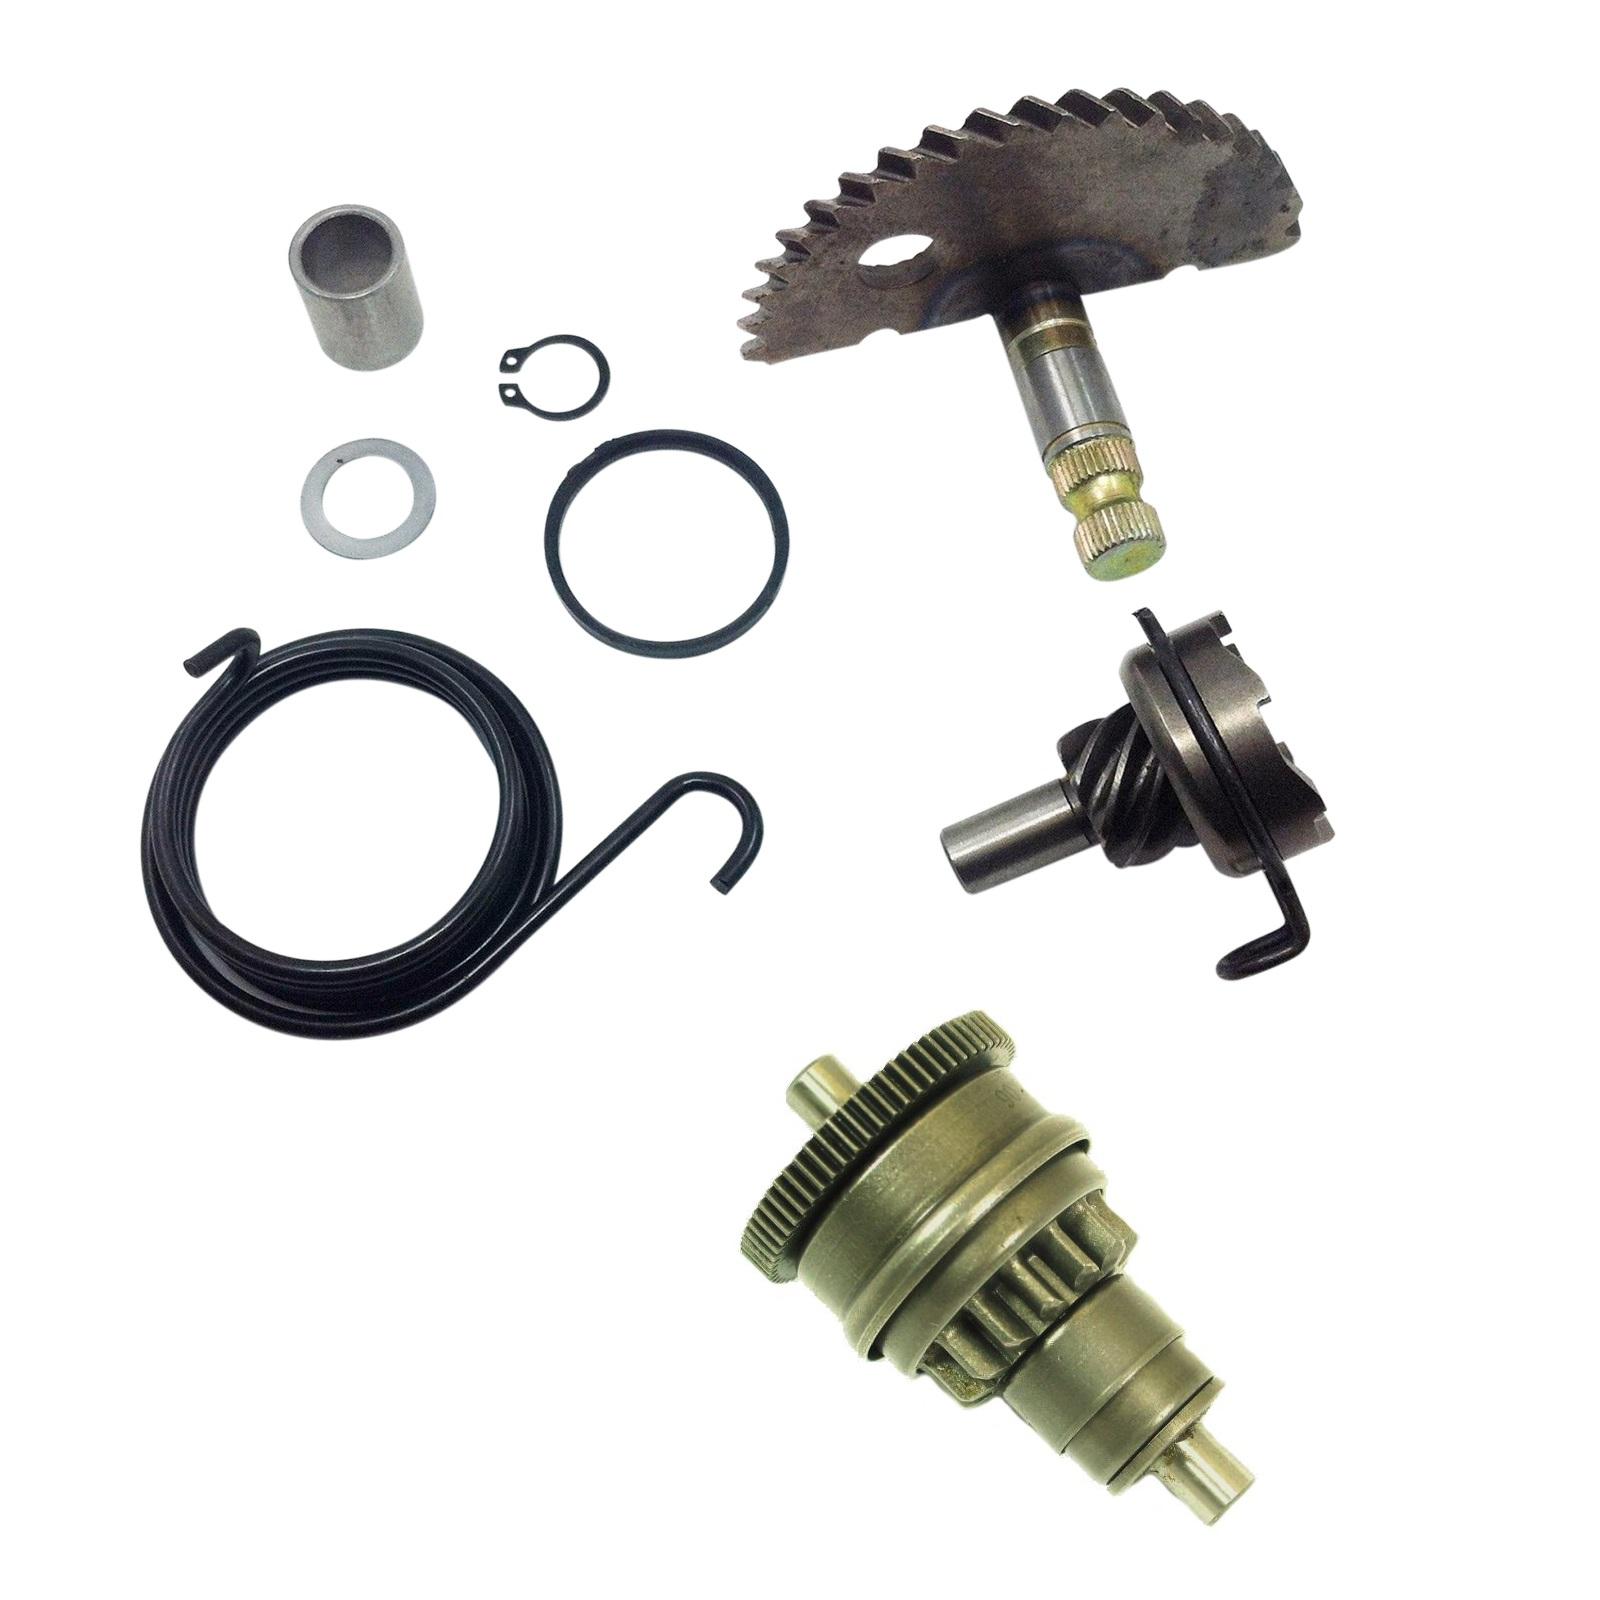 hight resolution of gy6 49cc 50cc kick start gear kit starter motor clutch gear bendix scooter moped